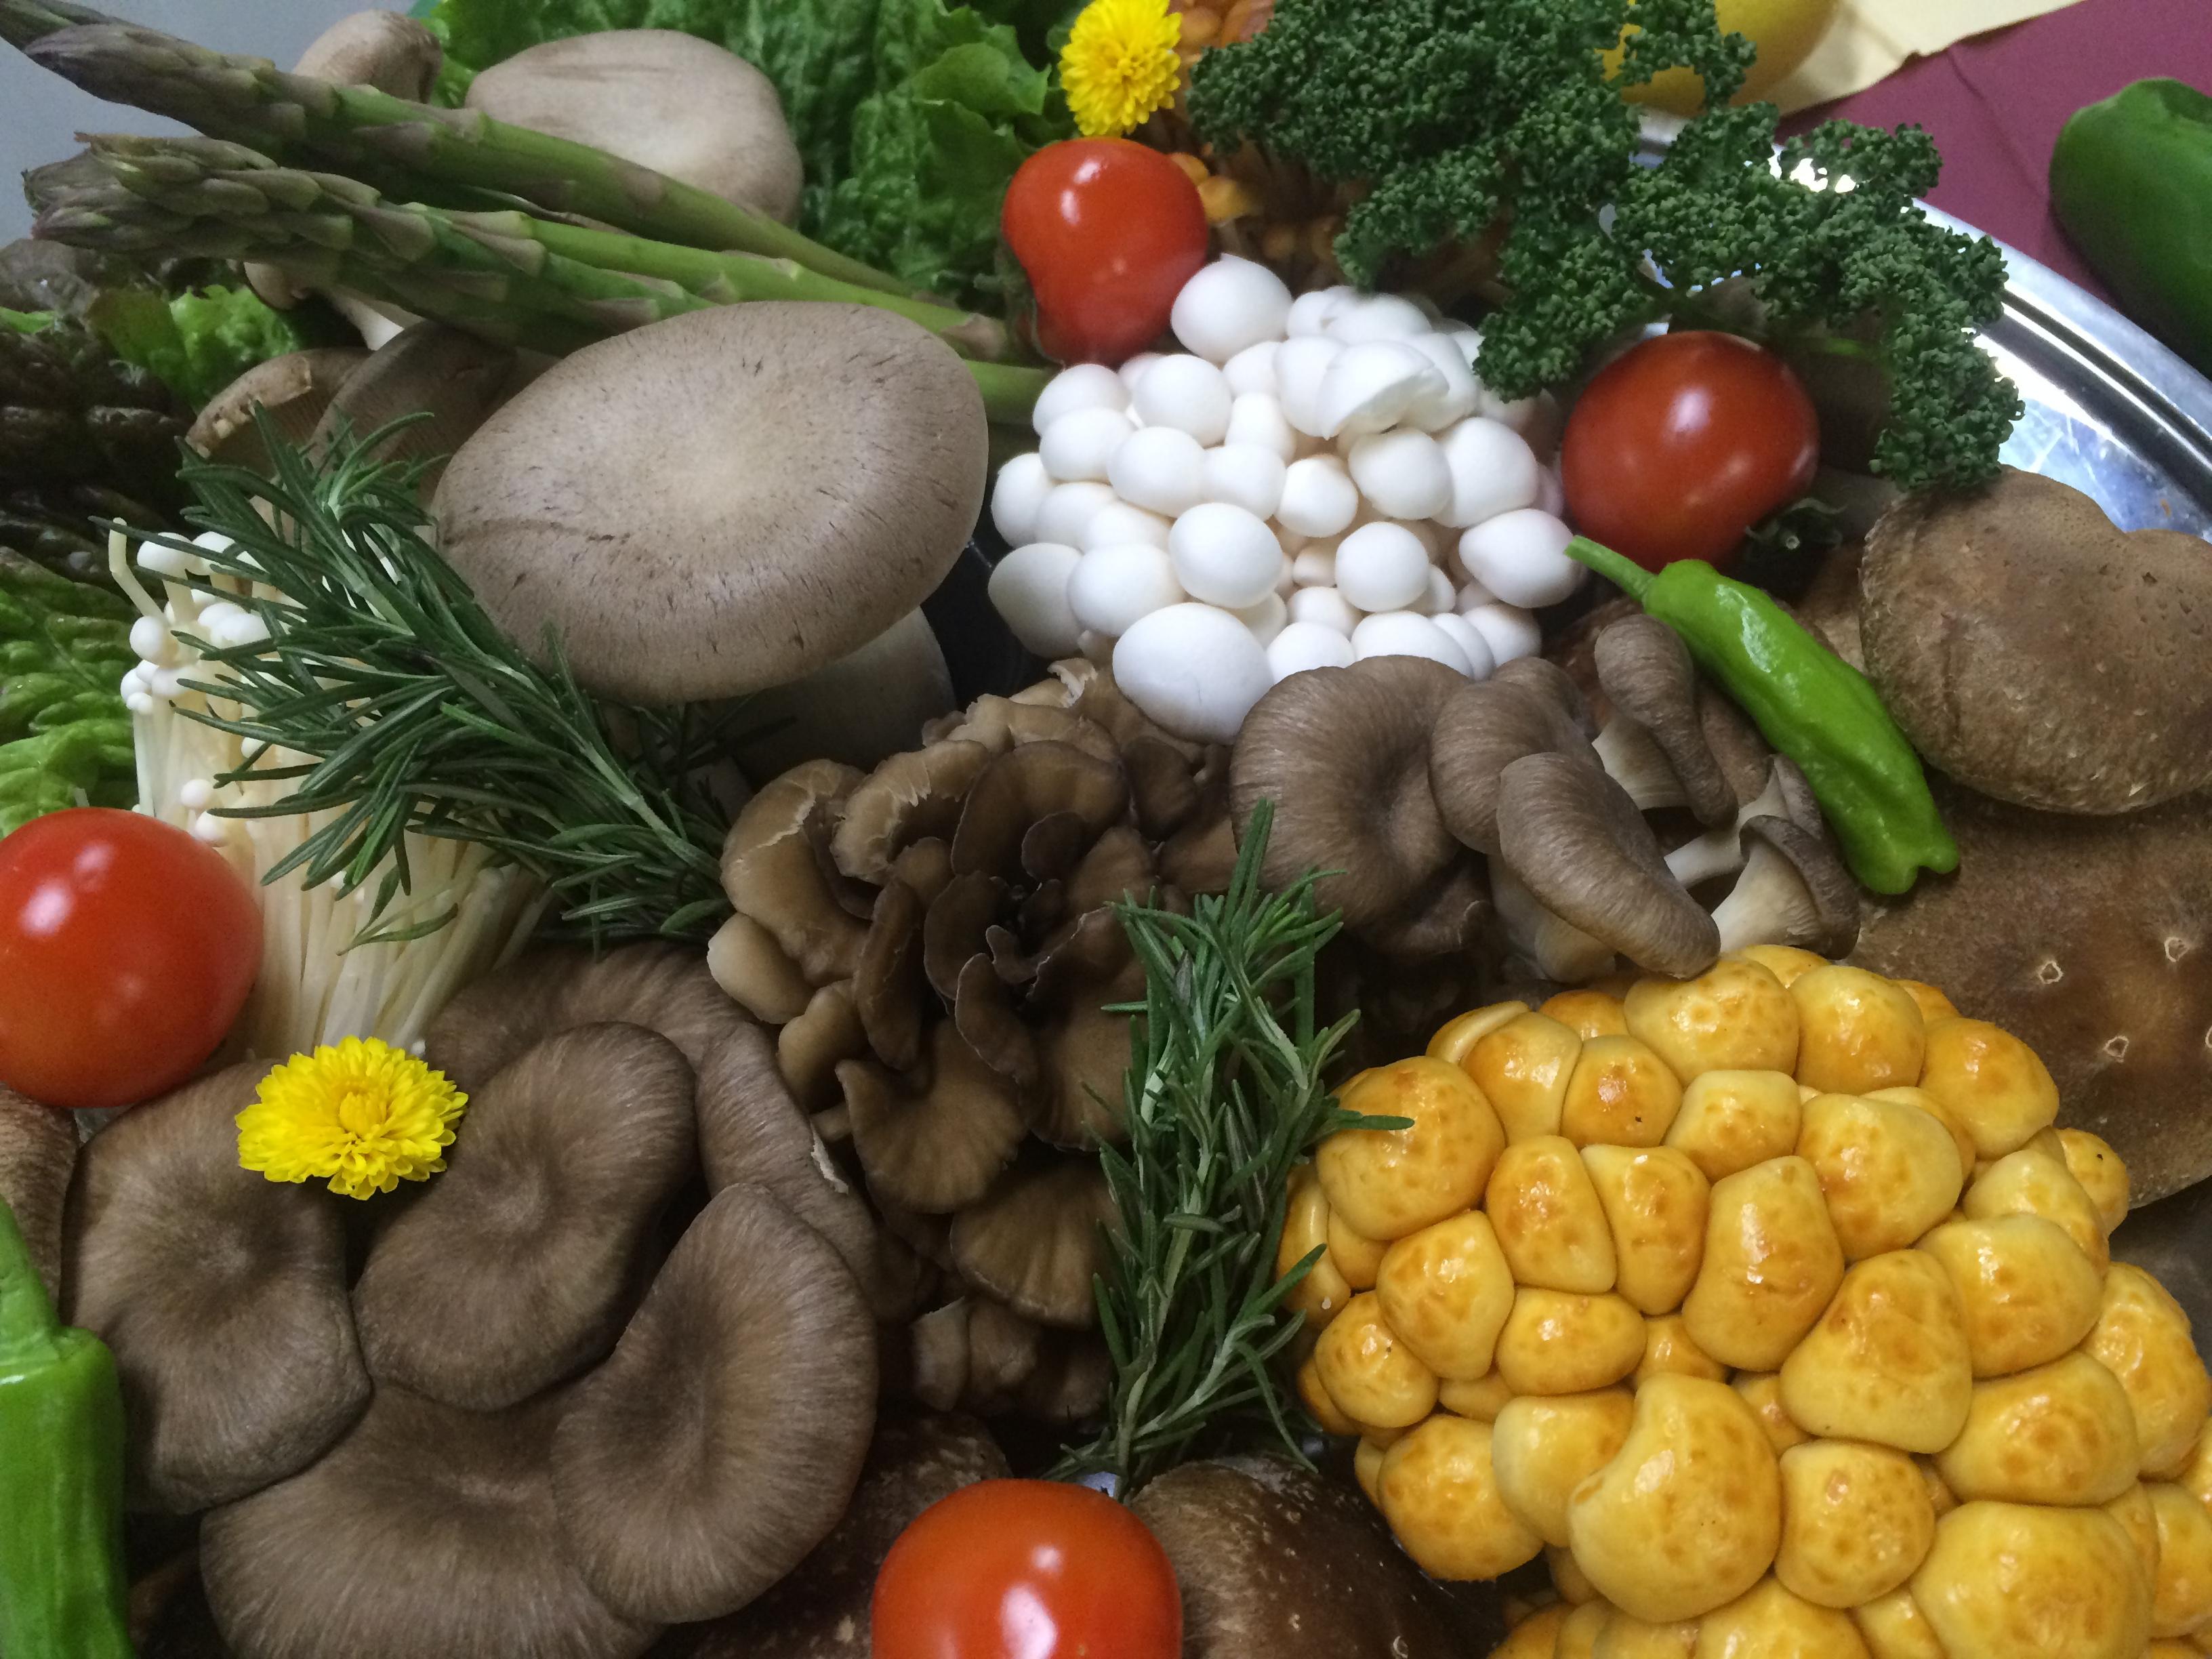 栄養満点!美容効果抜群!きのこパワーの美味しいダイエットレシピ♪のサムネイル画像